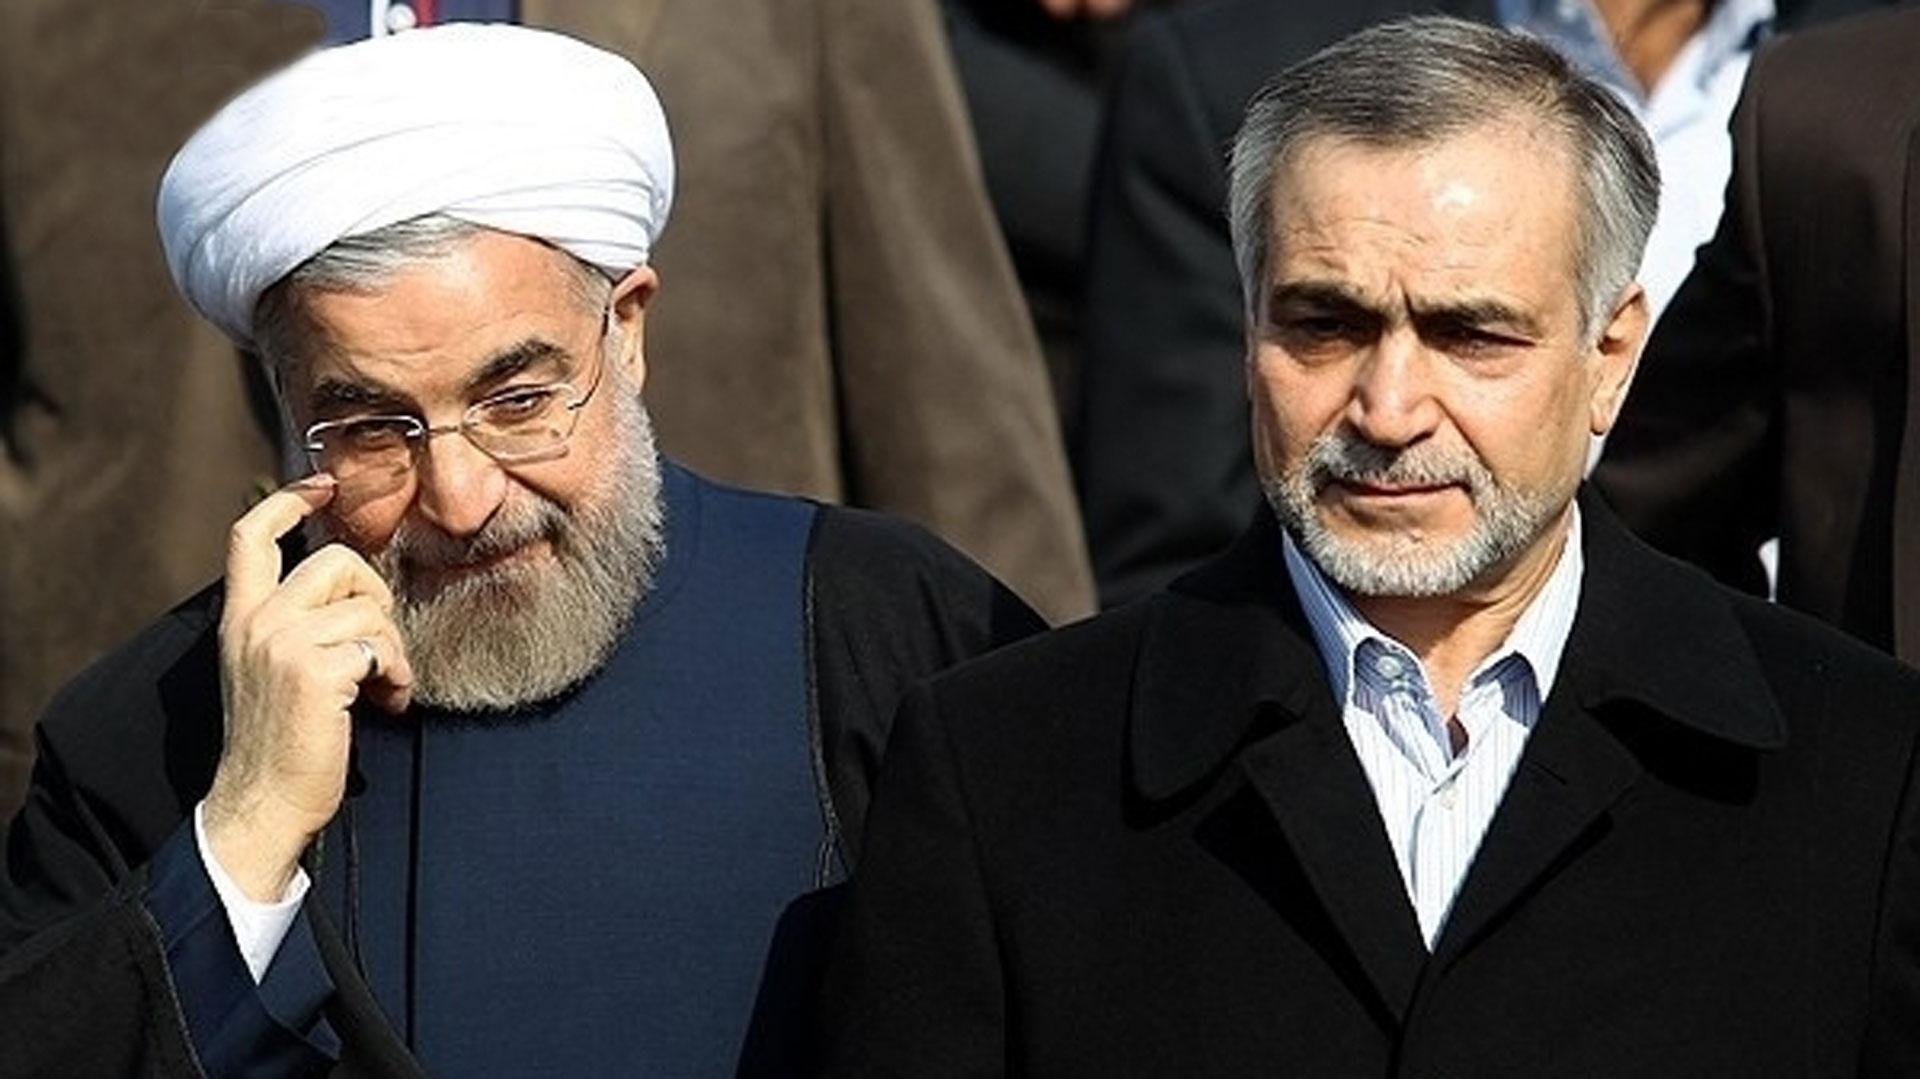 El presidente iraní Hasan Rouhani junto a su hermano, Hossein,arrestado por corrupción